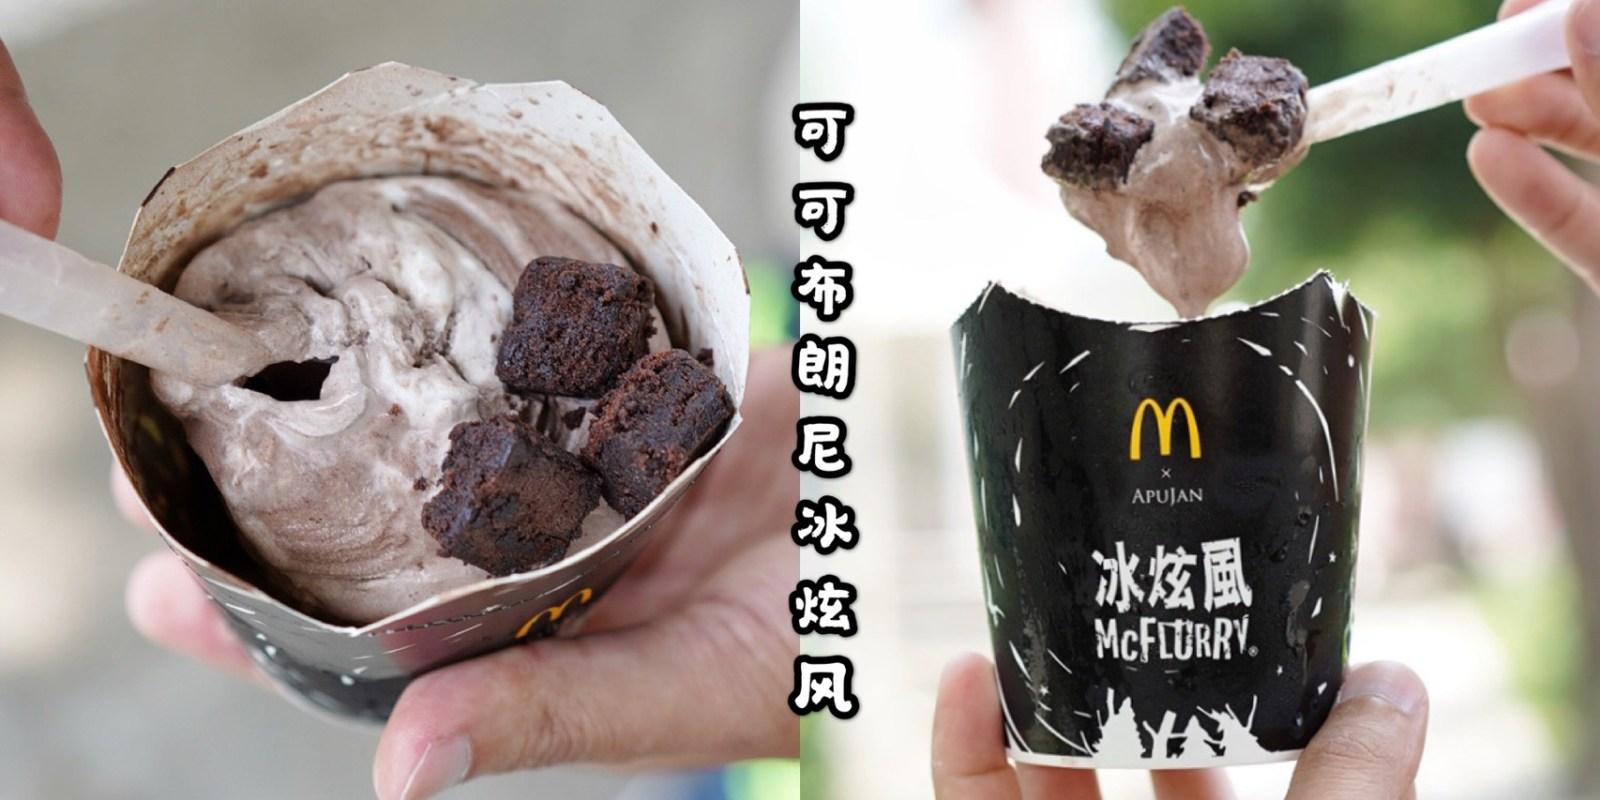 夏季冰品開打,麥當勞推出期間限定「可可布朗尼冰炫風」黑色質感包裝不只好拍也很好吃!準備洗版IG、FB的打卡!